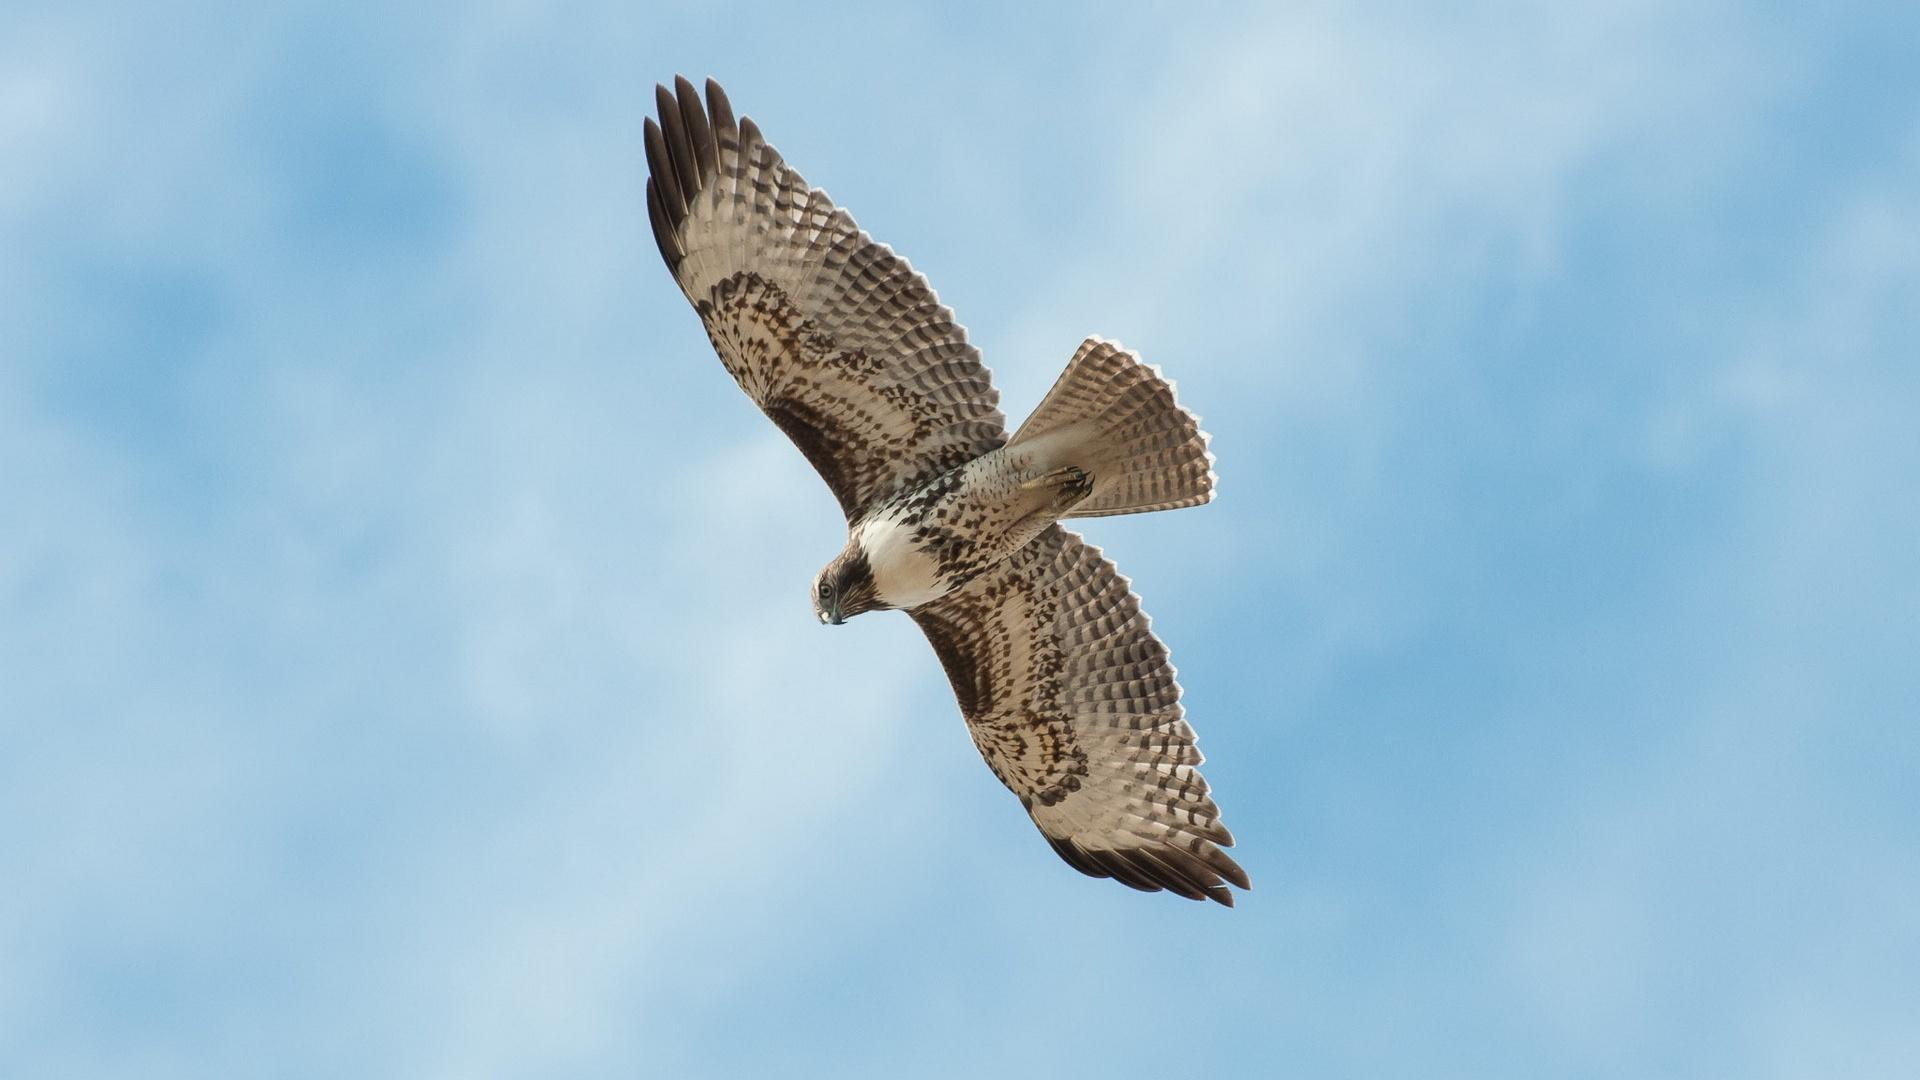 Un oiseau qui vole dans le ciel bleu fonds d 39 cran 1920x1080 full hd fonds d 39 cran de - Jeux d oiseau qui vole ...